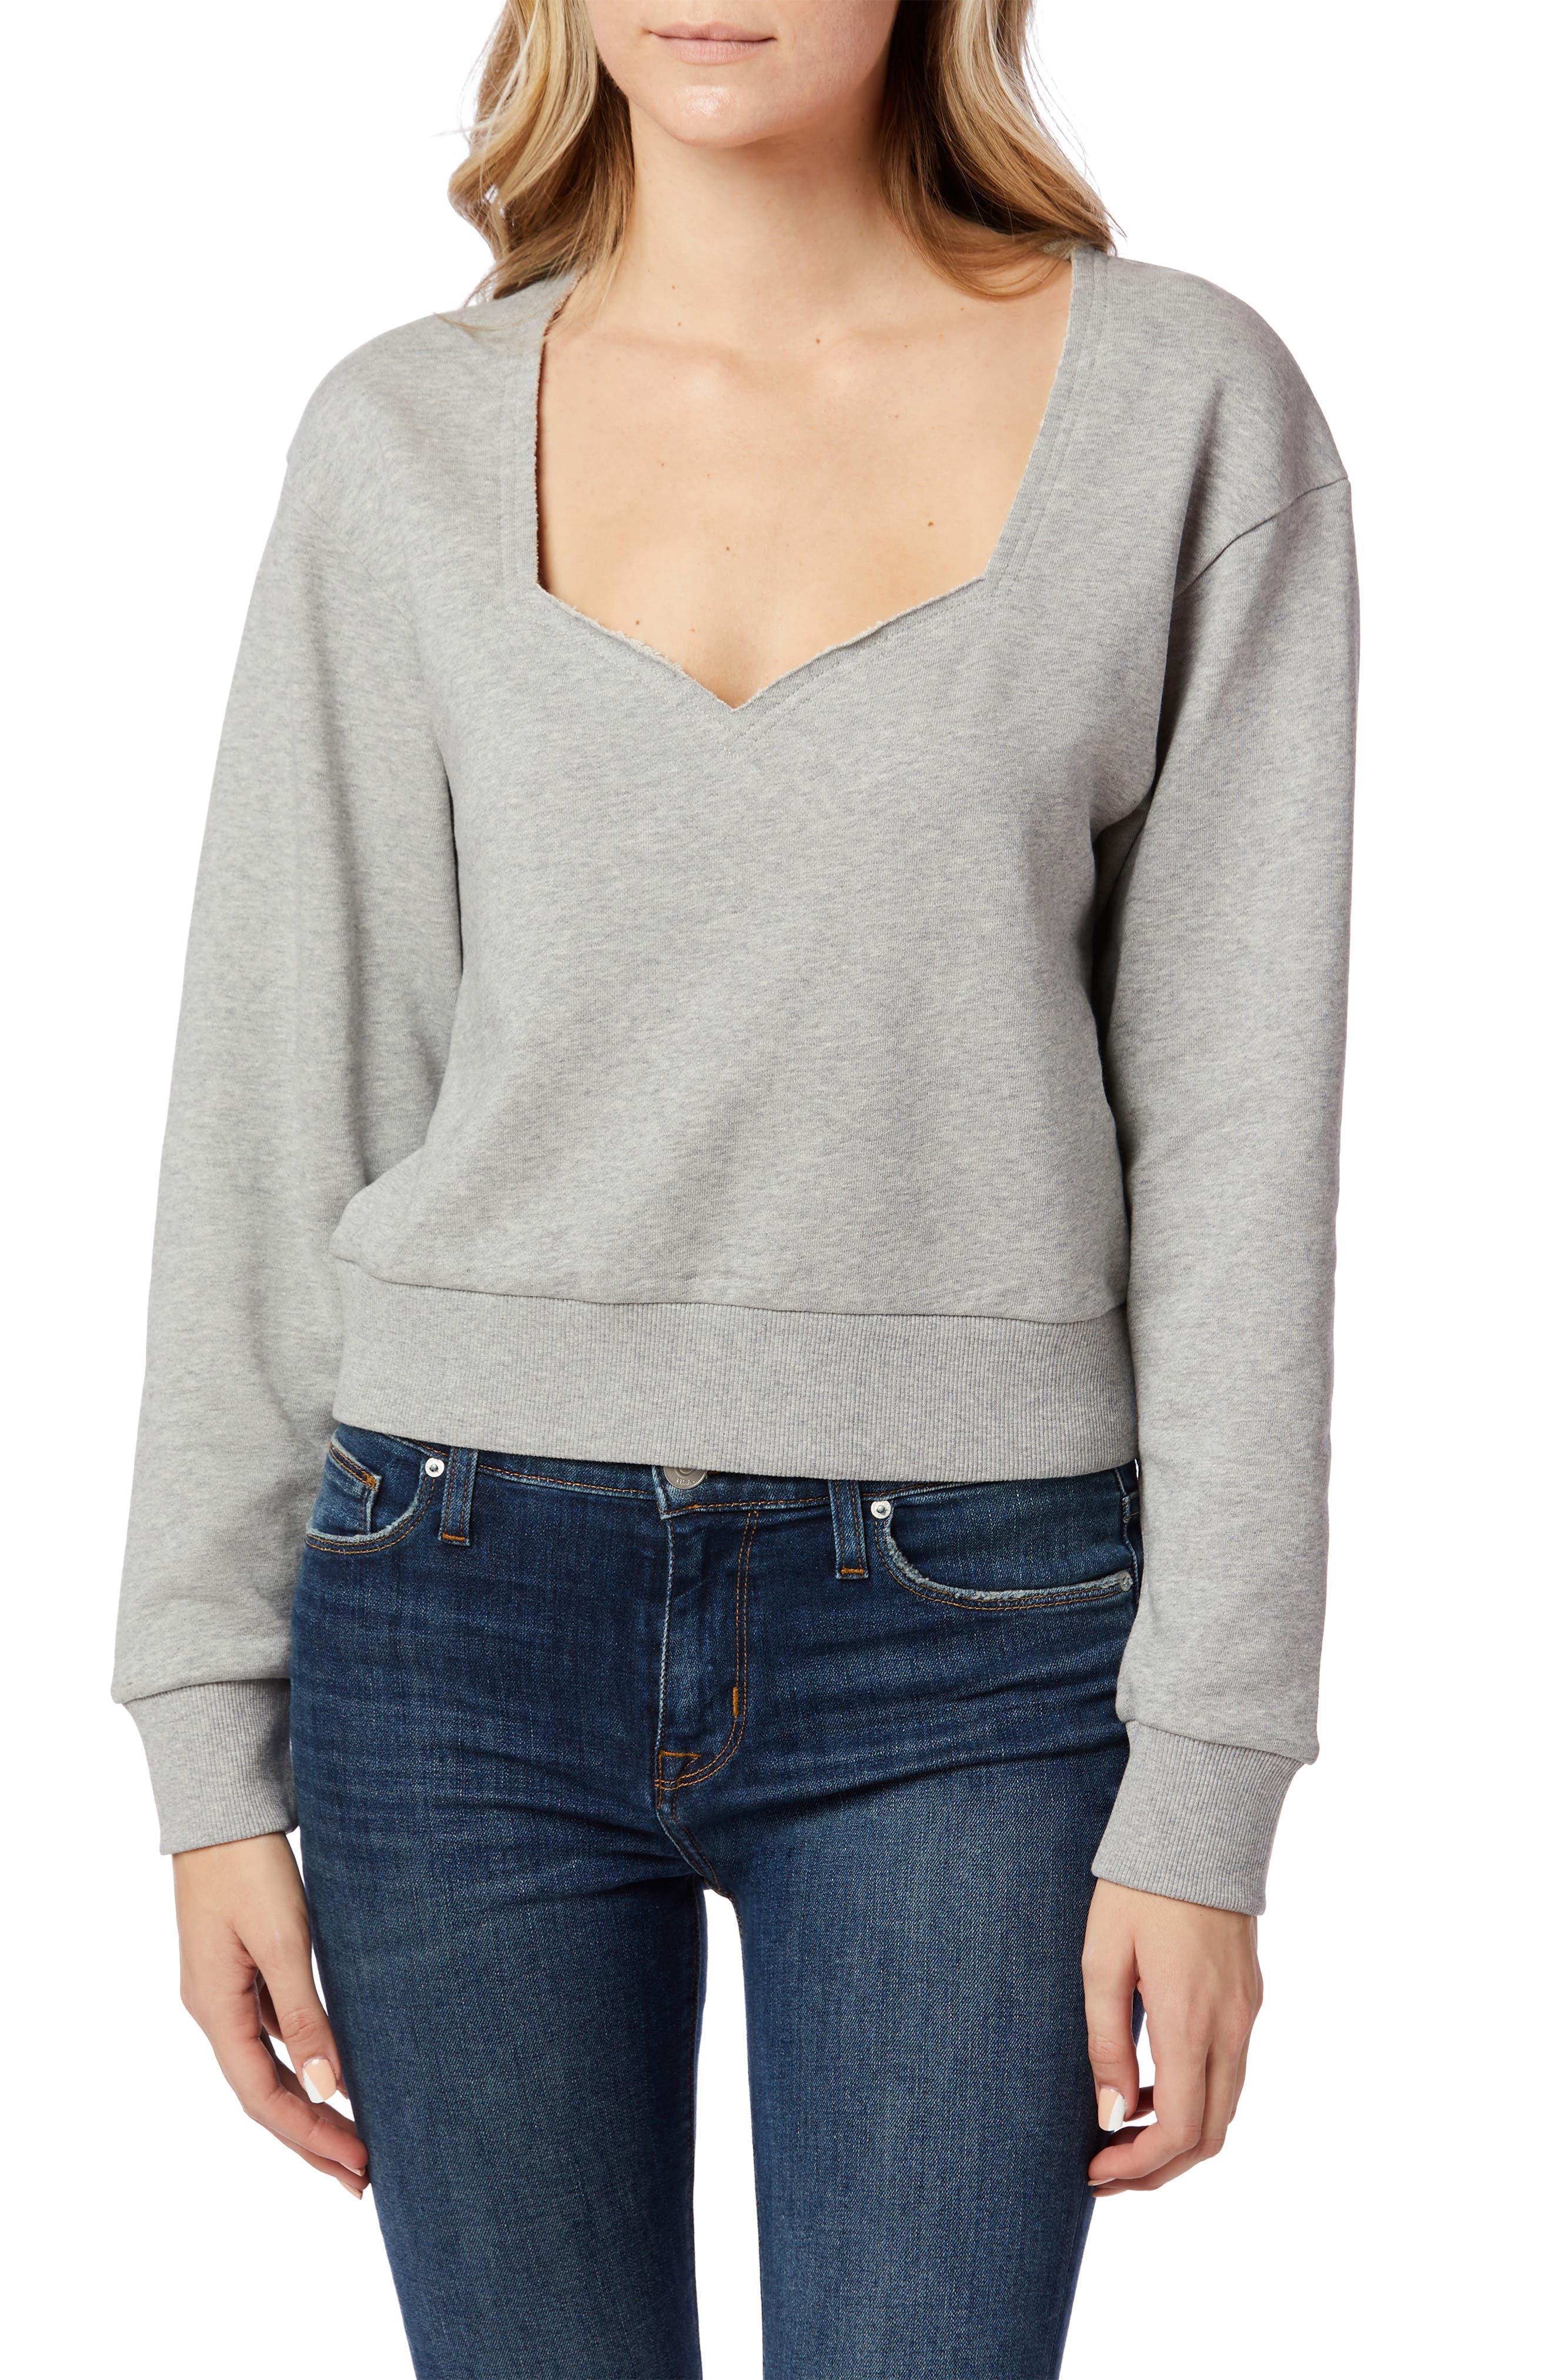 Sweetheart Heathered Sweatshirt